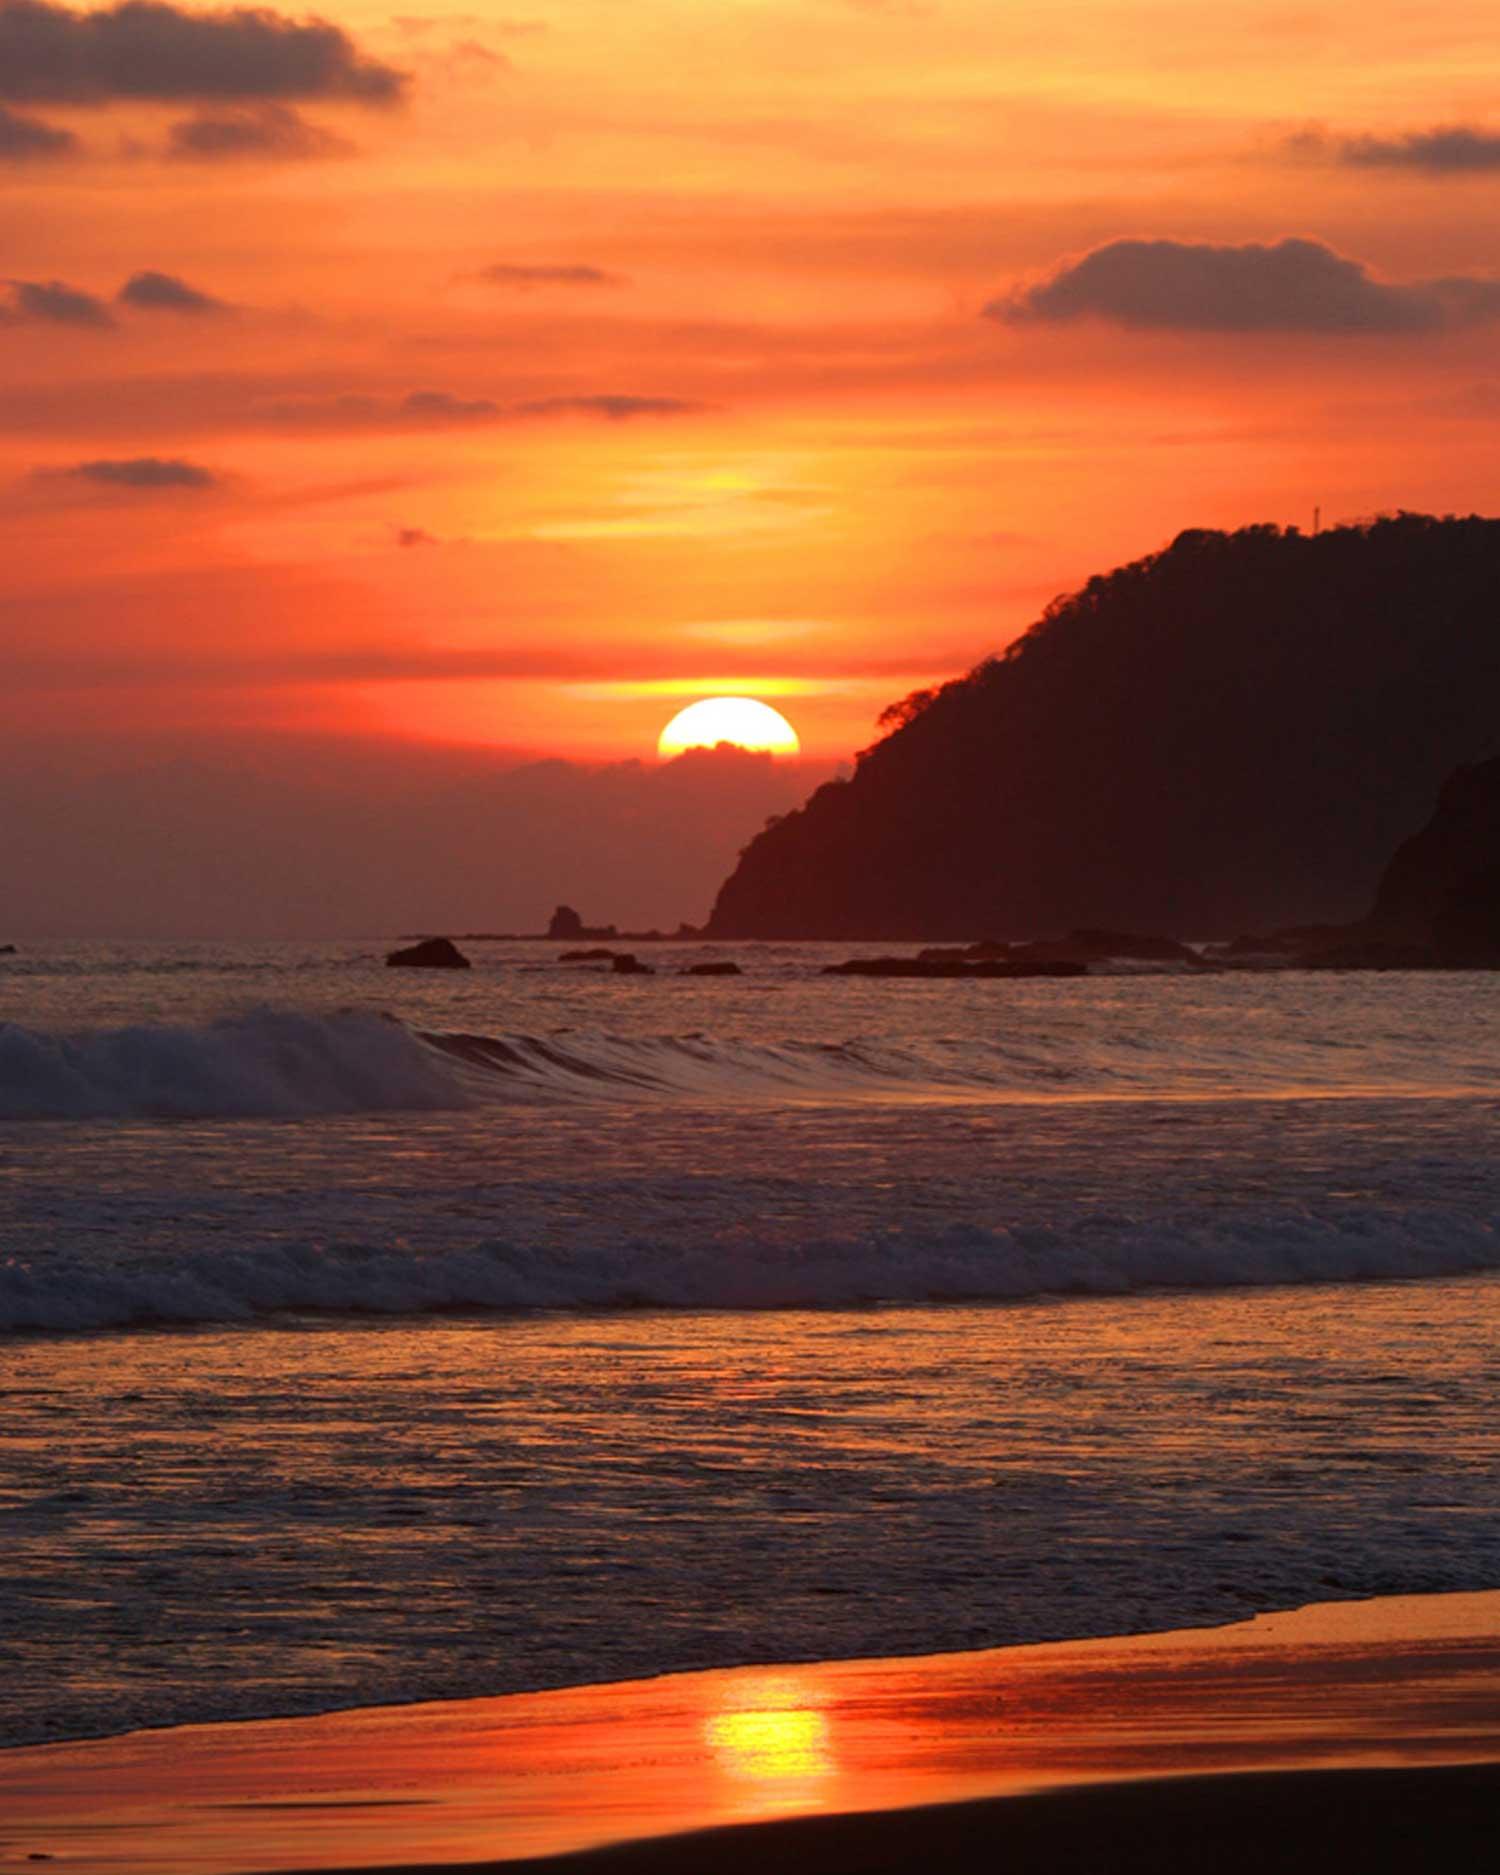 sunsetOcean.jpg